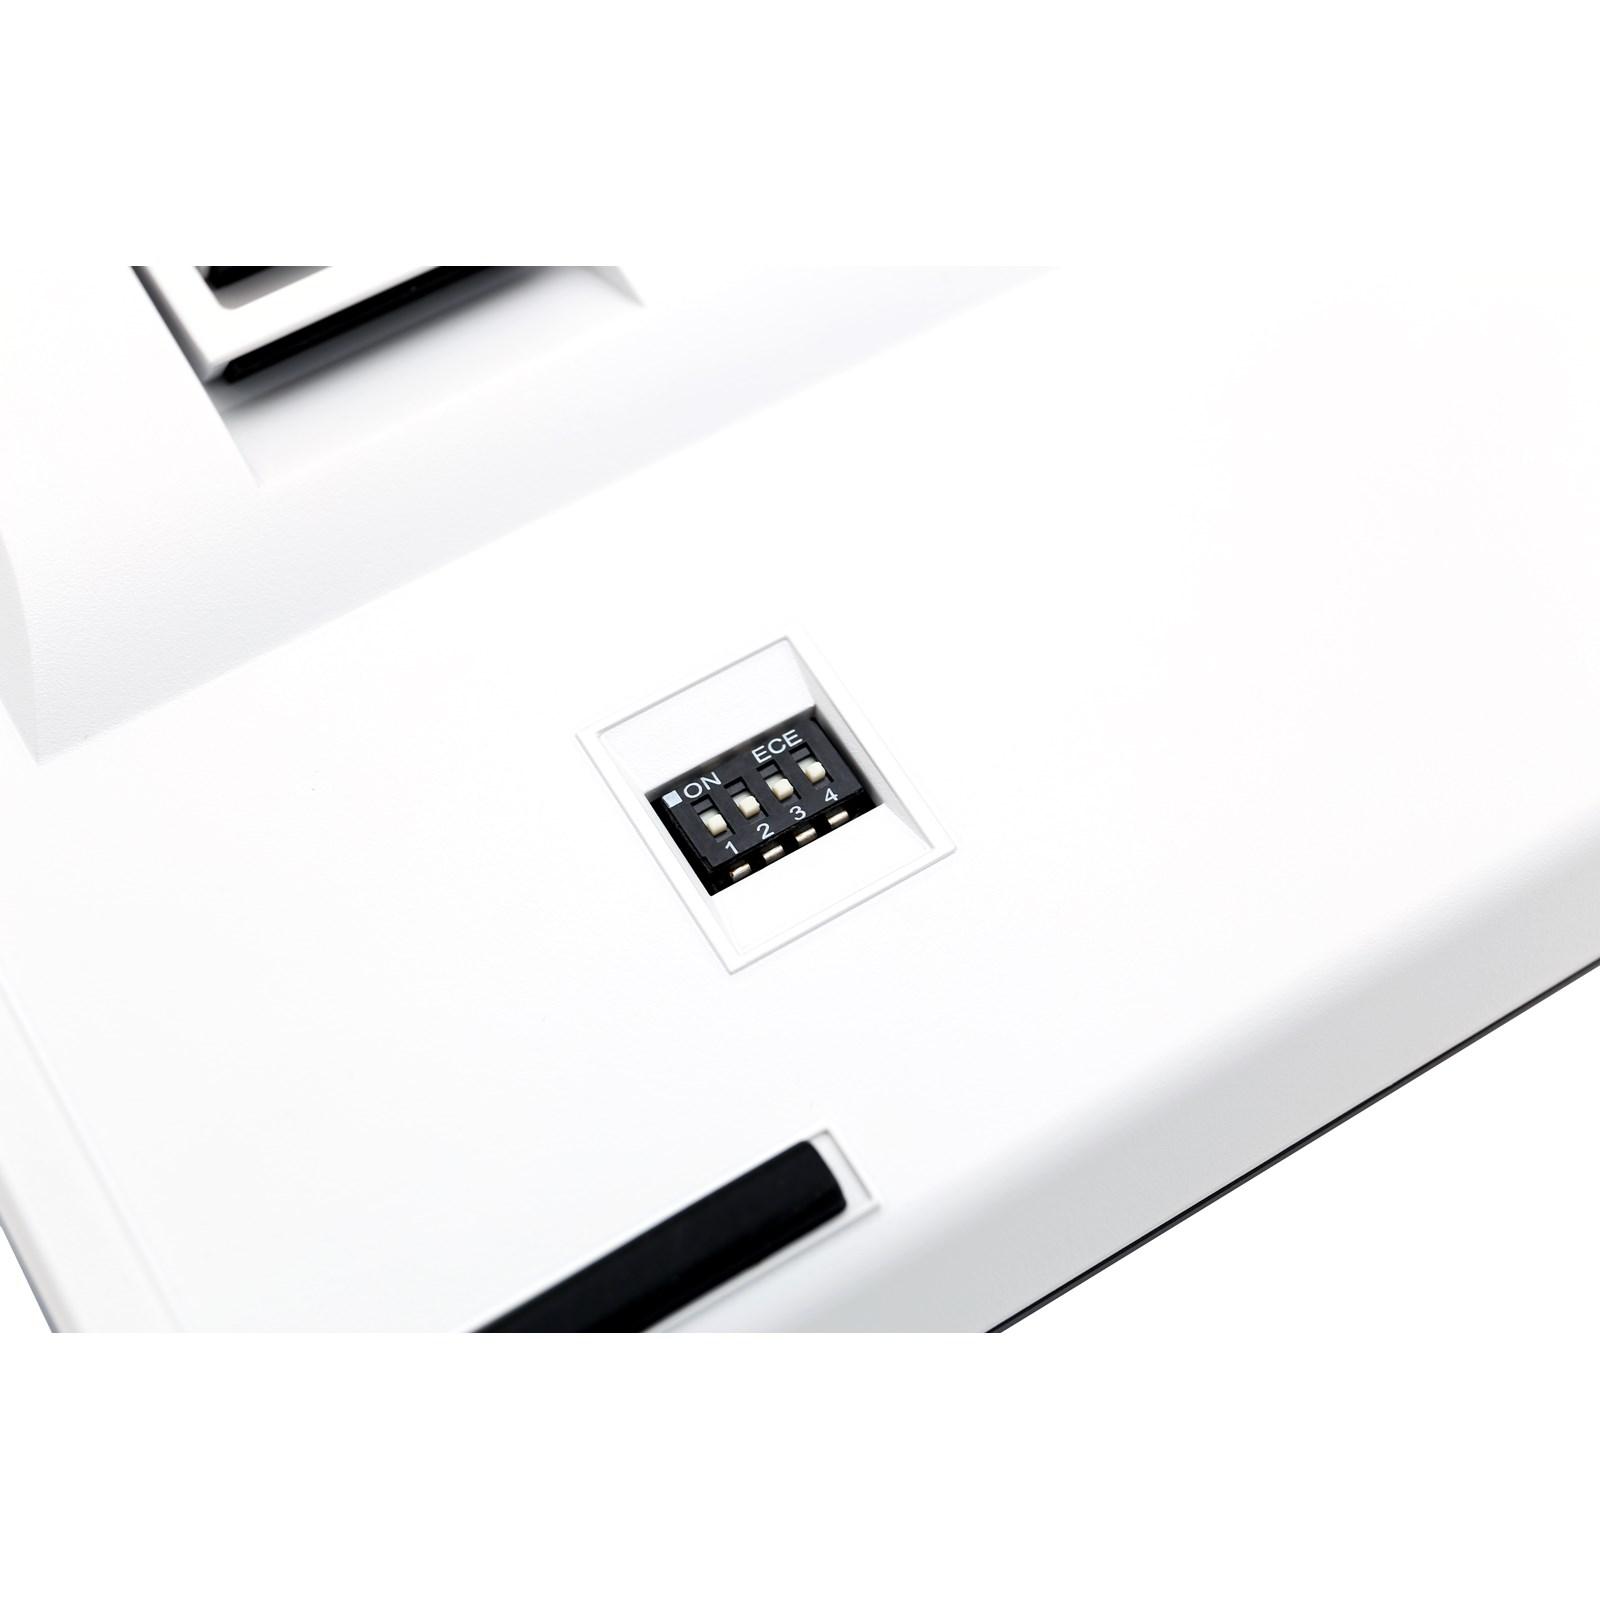 Ducky One 2 Usb Mechanical Tenkeyless Tkl Keyboard With Cherry Mx